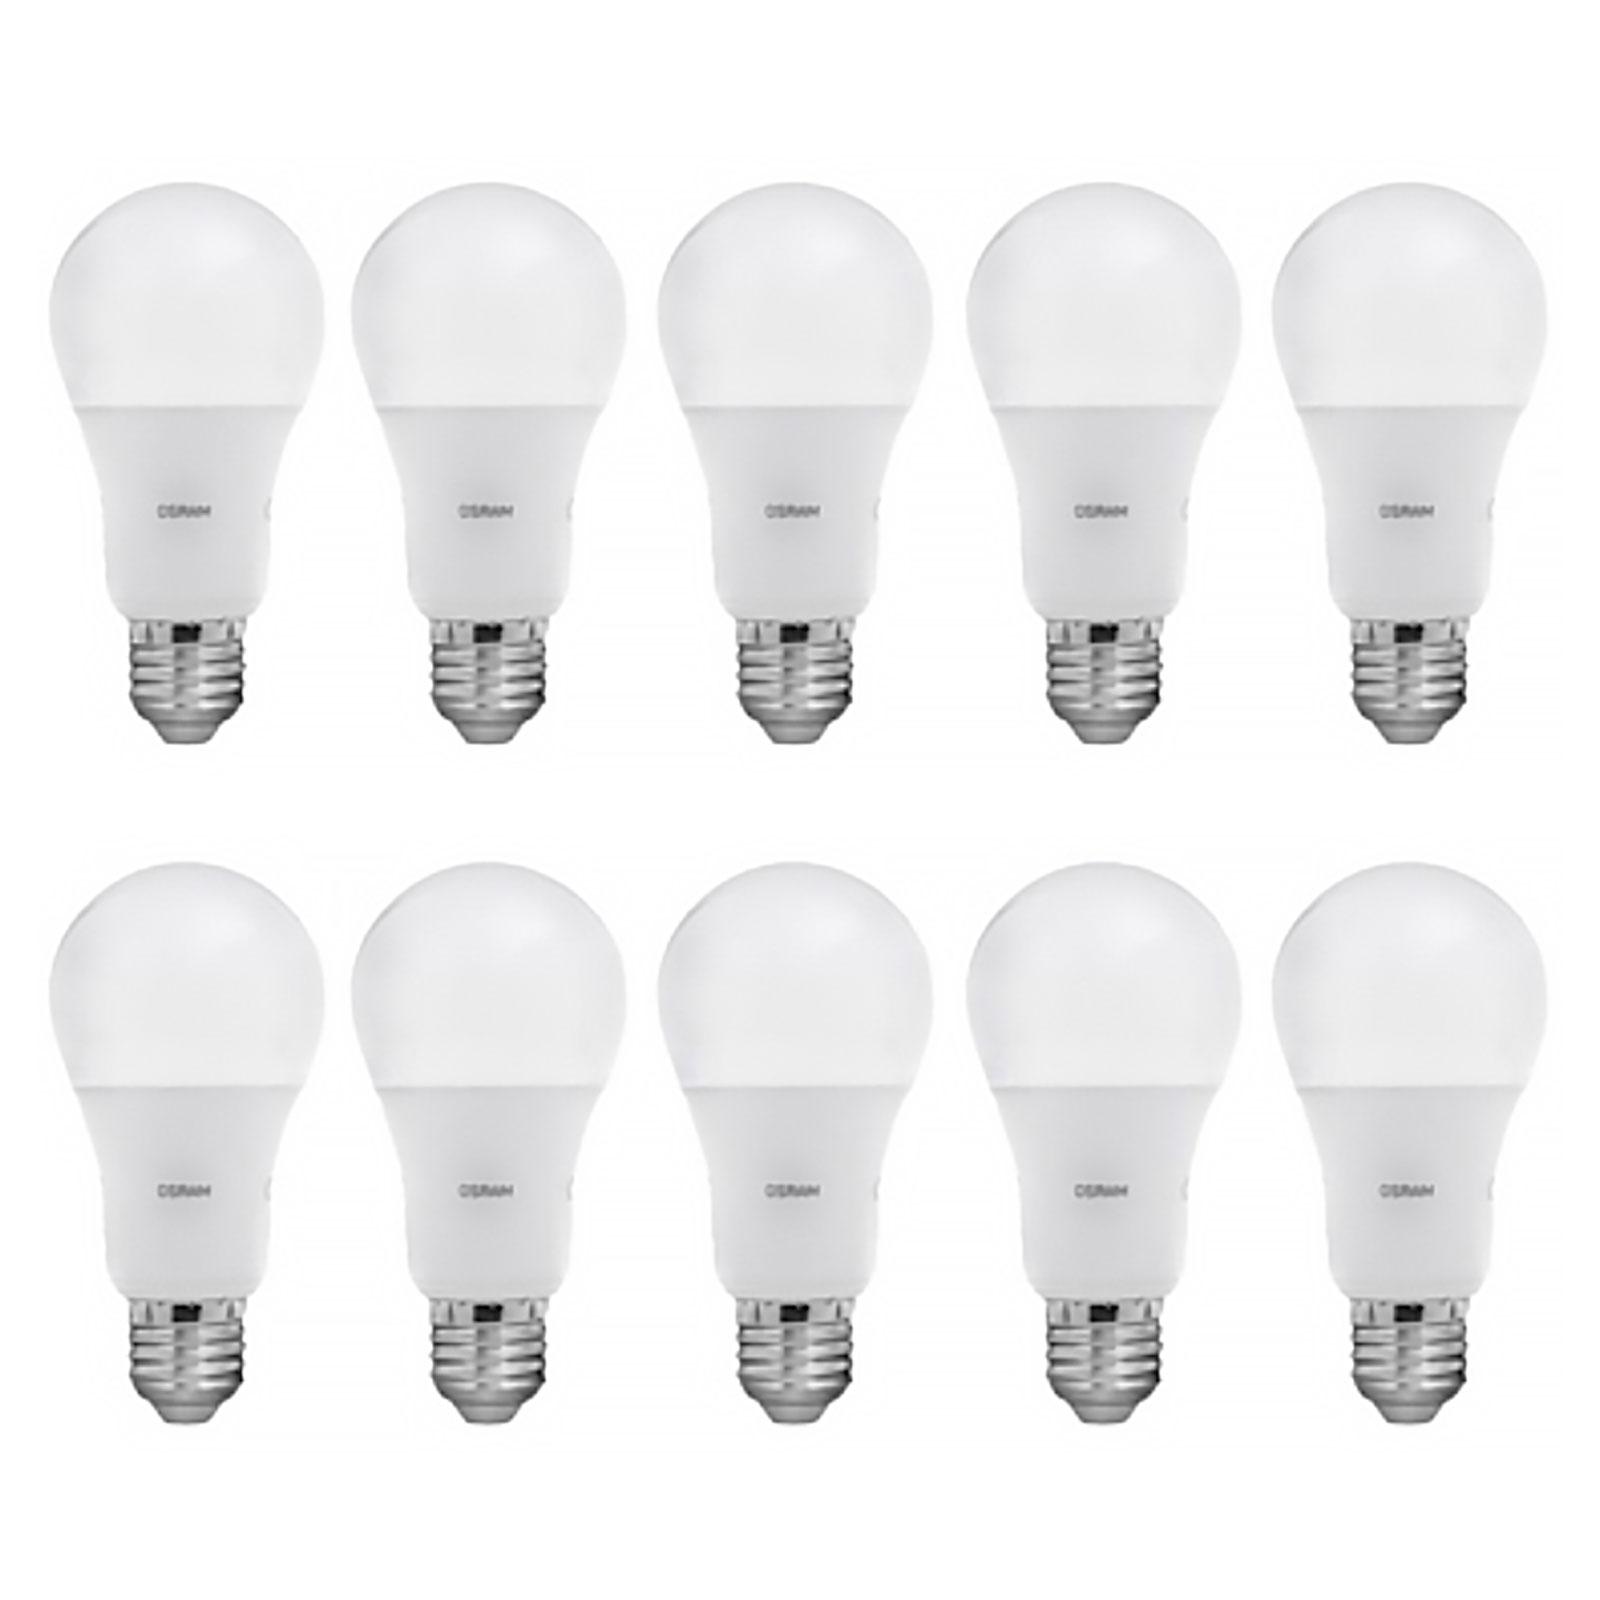 لامپ حبابی 8.5 وات اسرام بسته 10 عددی